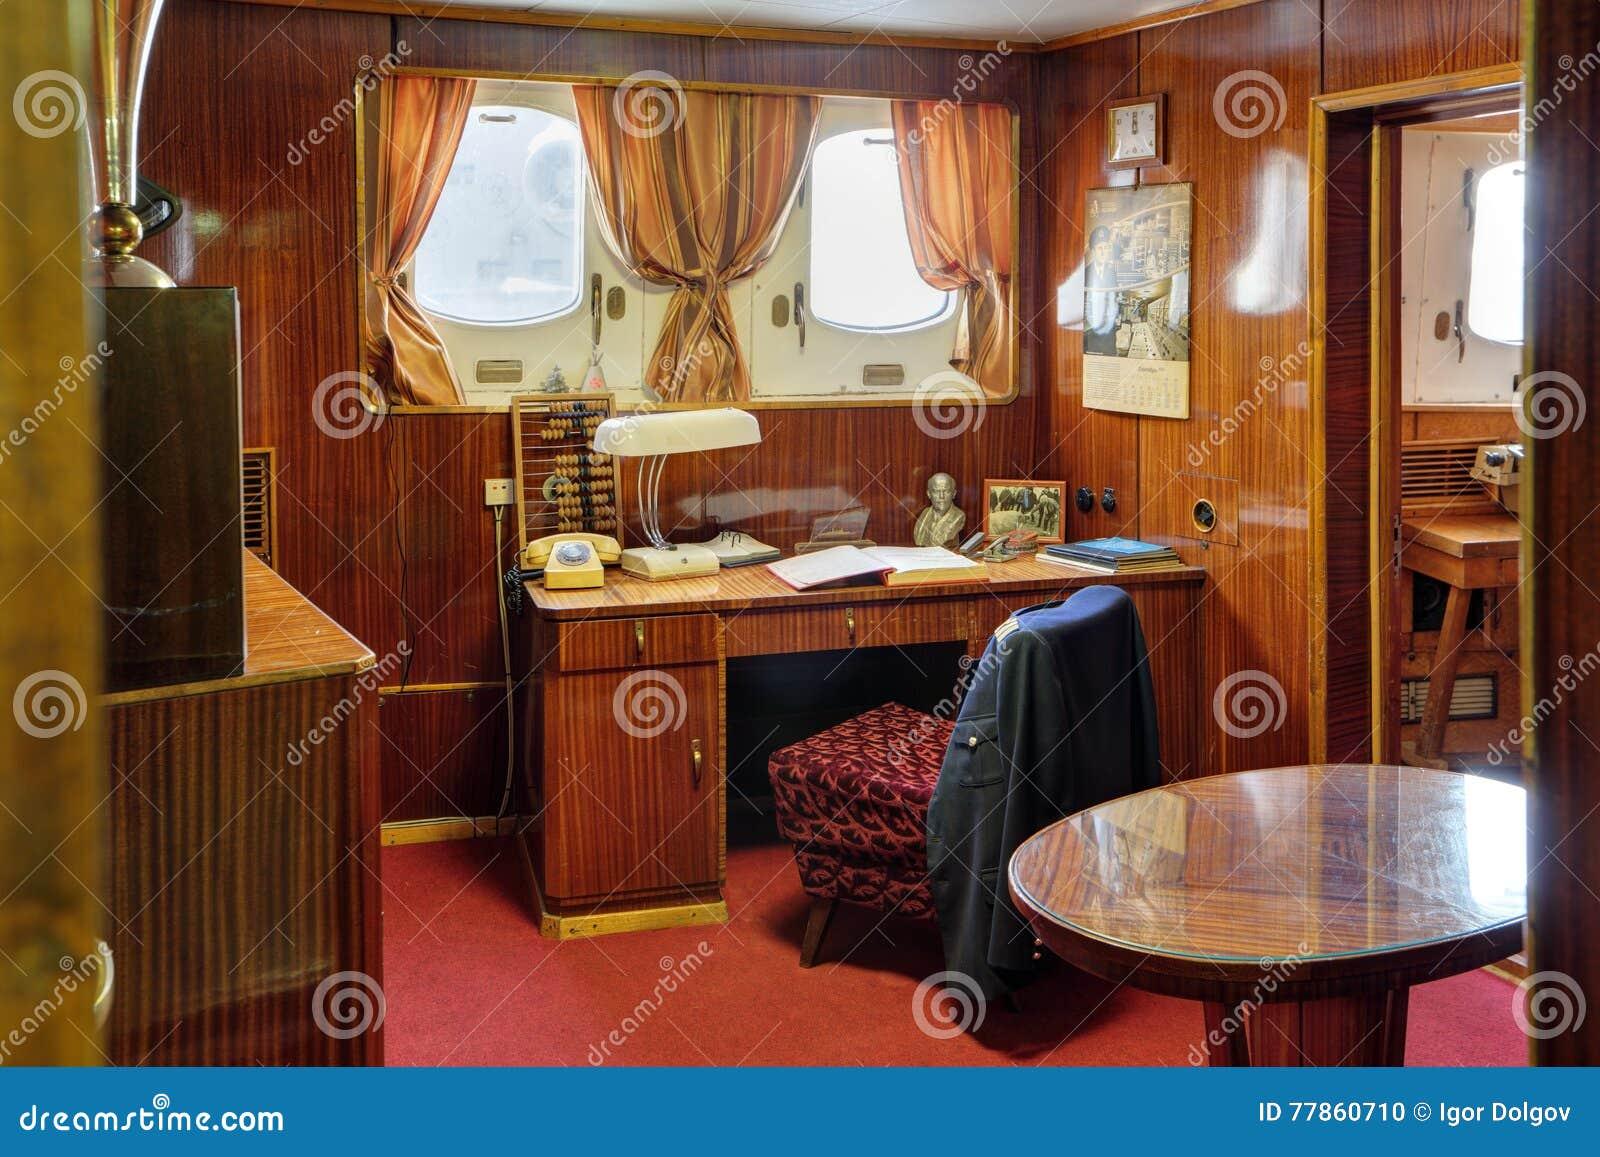 Cabina del capitano immagine editoriale immagine di for Cabina del biscotto di marthastewart com